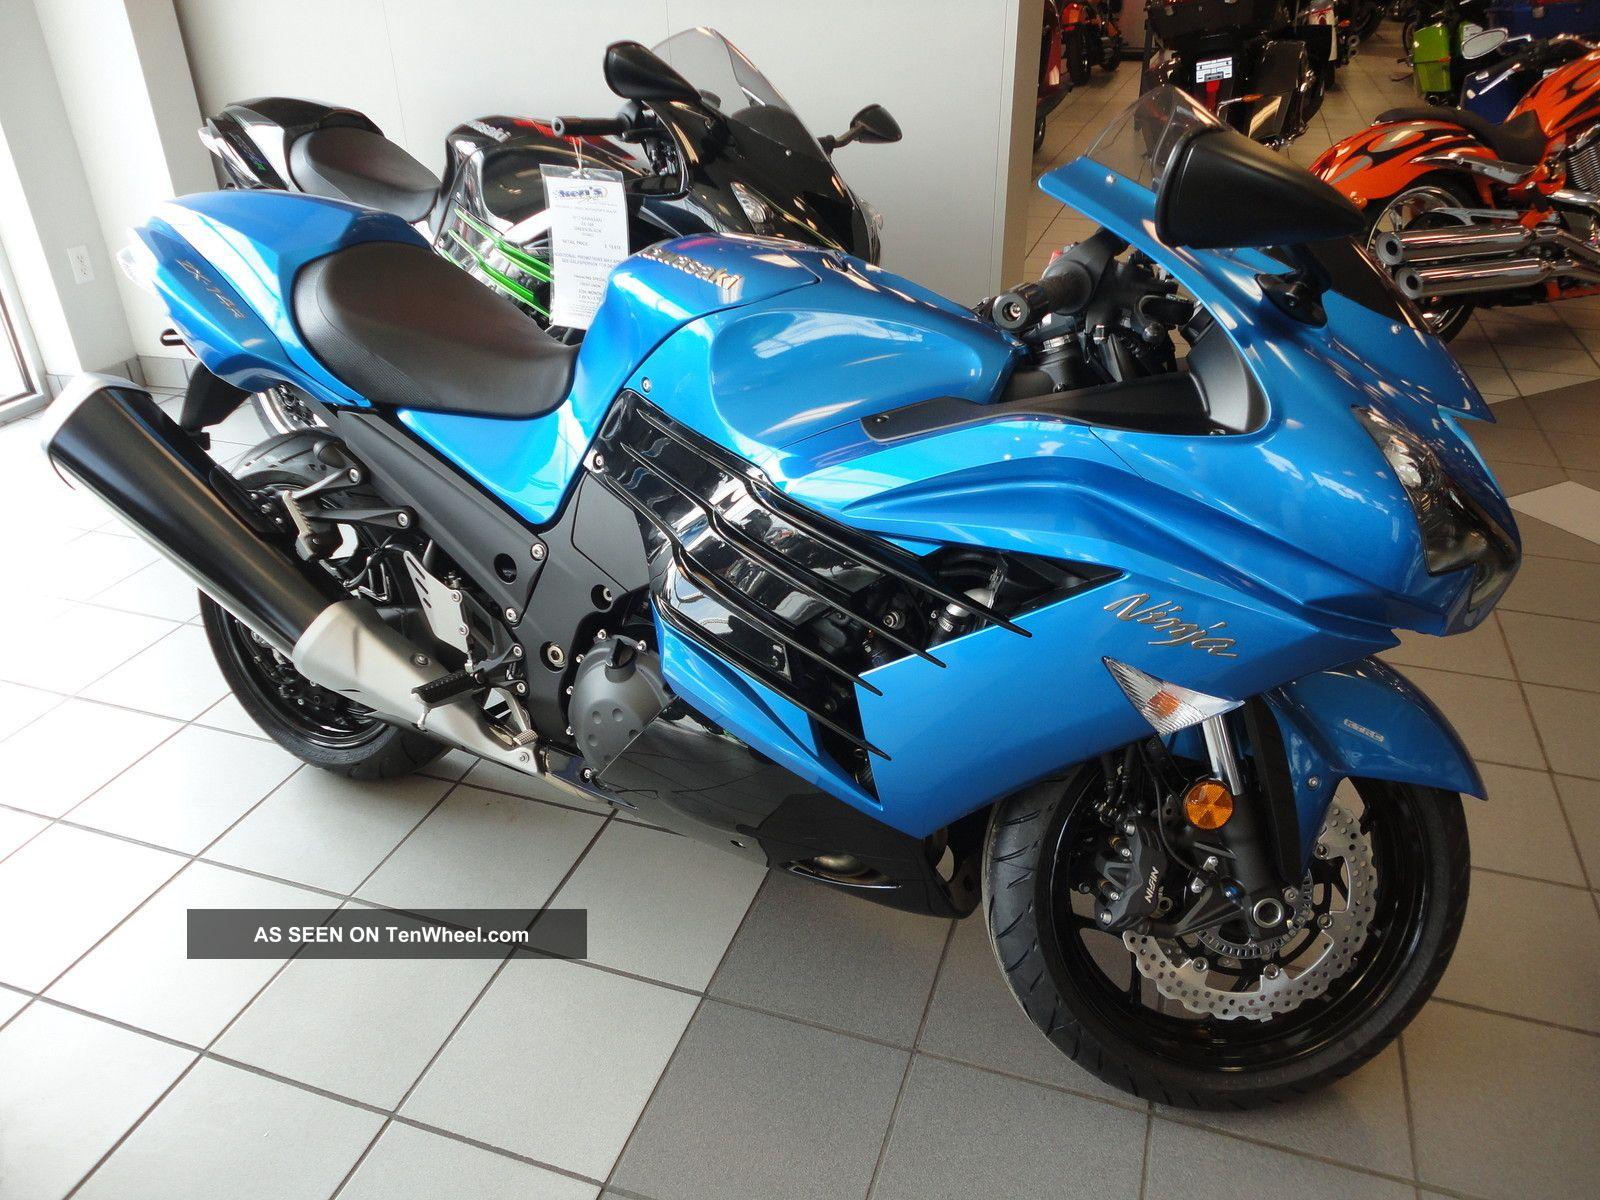 Kawasaki Ninja 1400cc - Motorcycle Wallpaper